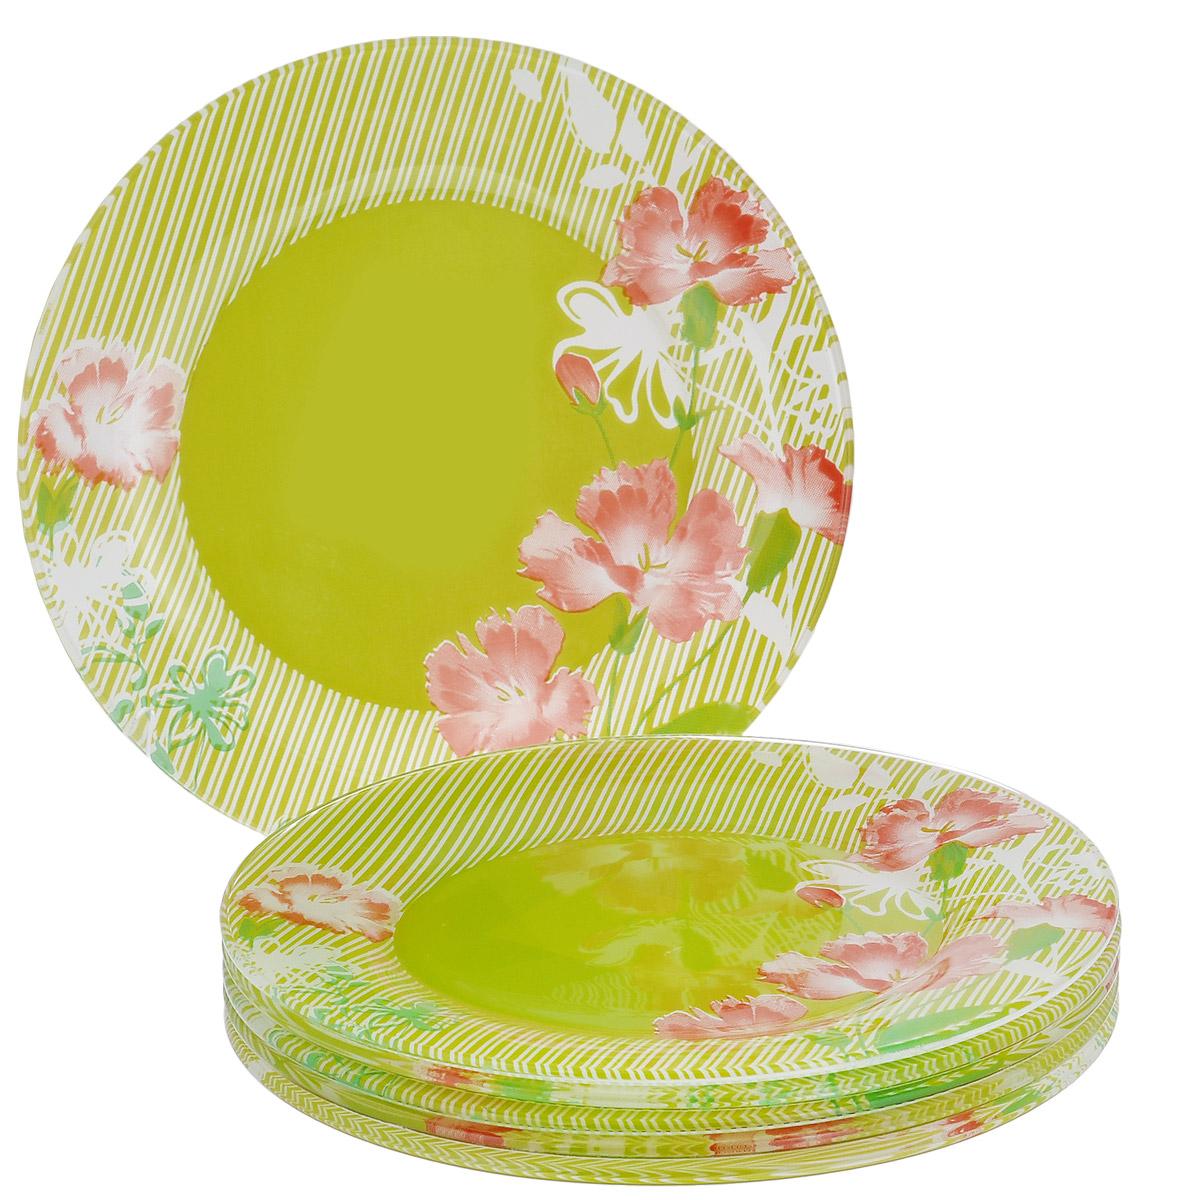 Набор тарелок Цветы, цвет: зеленый, диаметр 17,5 см, 6 шт115510Набор тарелок Цветы, выполненный из высококачественного стекла зеленого цвета, состоит из 6 мелких тарелок. Тарелки оформлены изображением цветов. Они сочетают в себе изысканный дизайн с максимальной функциональностью. Оригинальность оформления тарелок придется по вкусу и ценителям классики, и тем, кто предпочитает утонченность и изящность. Набор тарелок послужит отличным подарком к любому празднику.